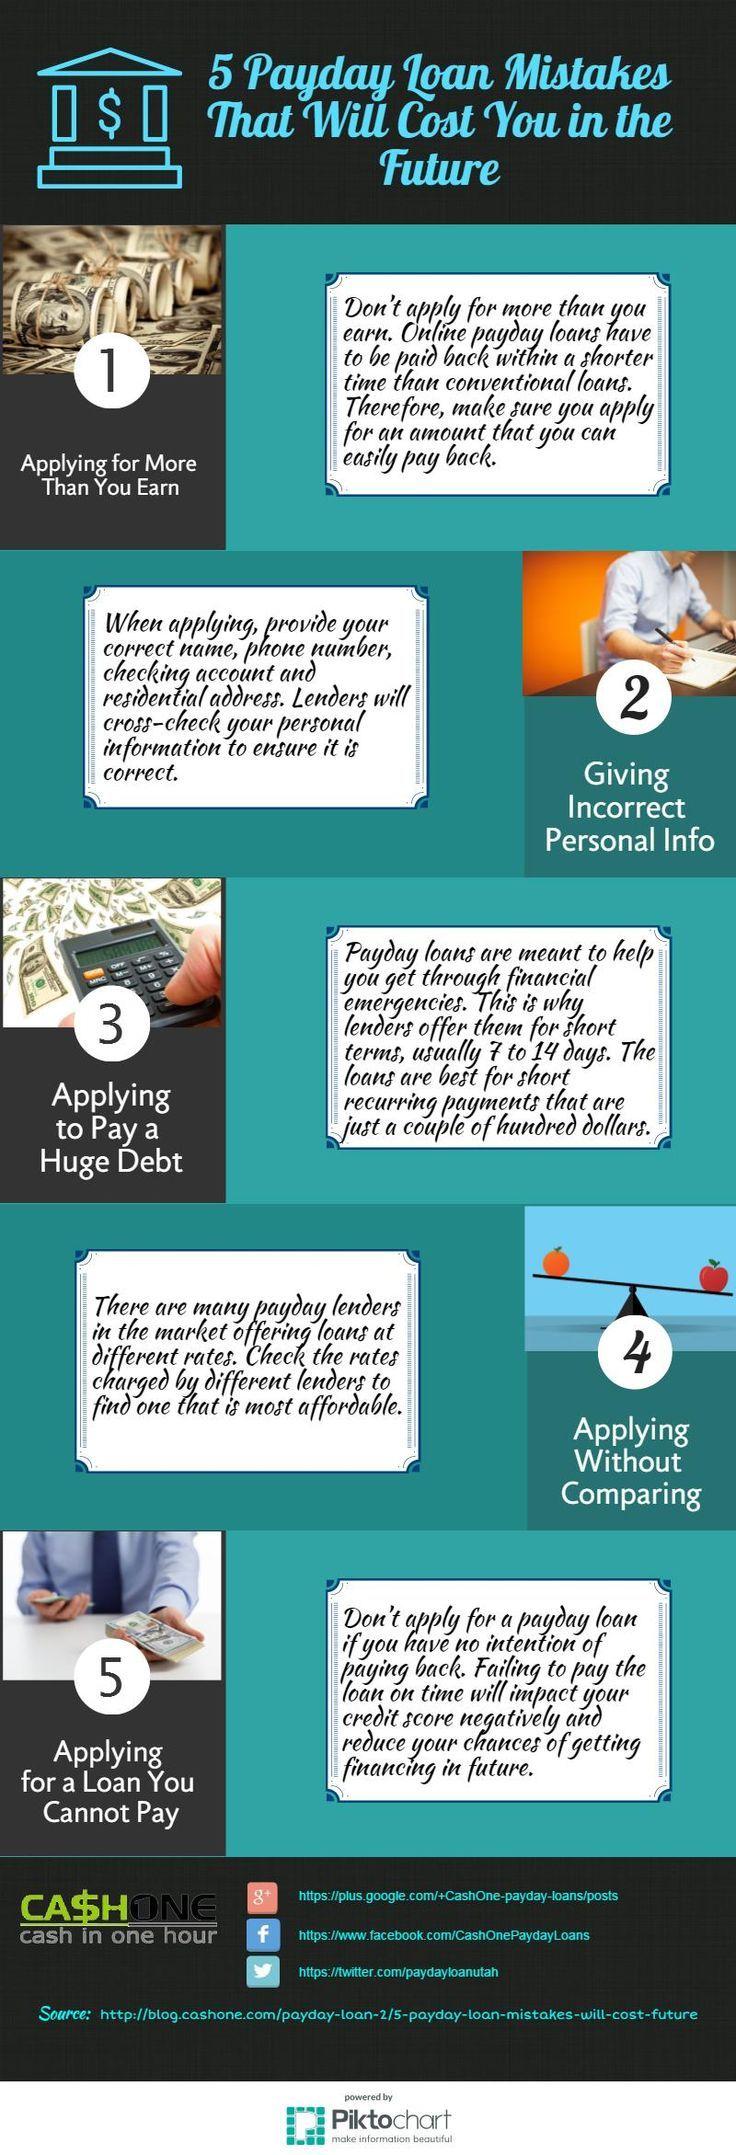 Cash loans in culpeper va picture 1